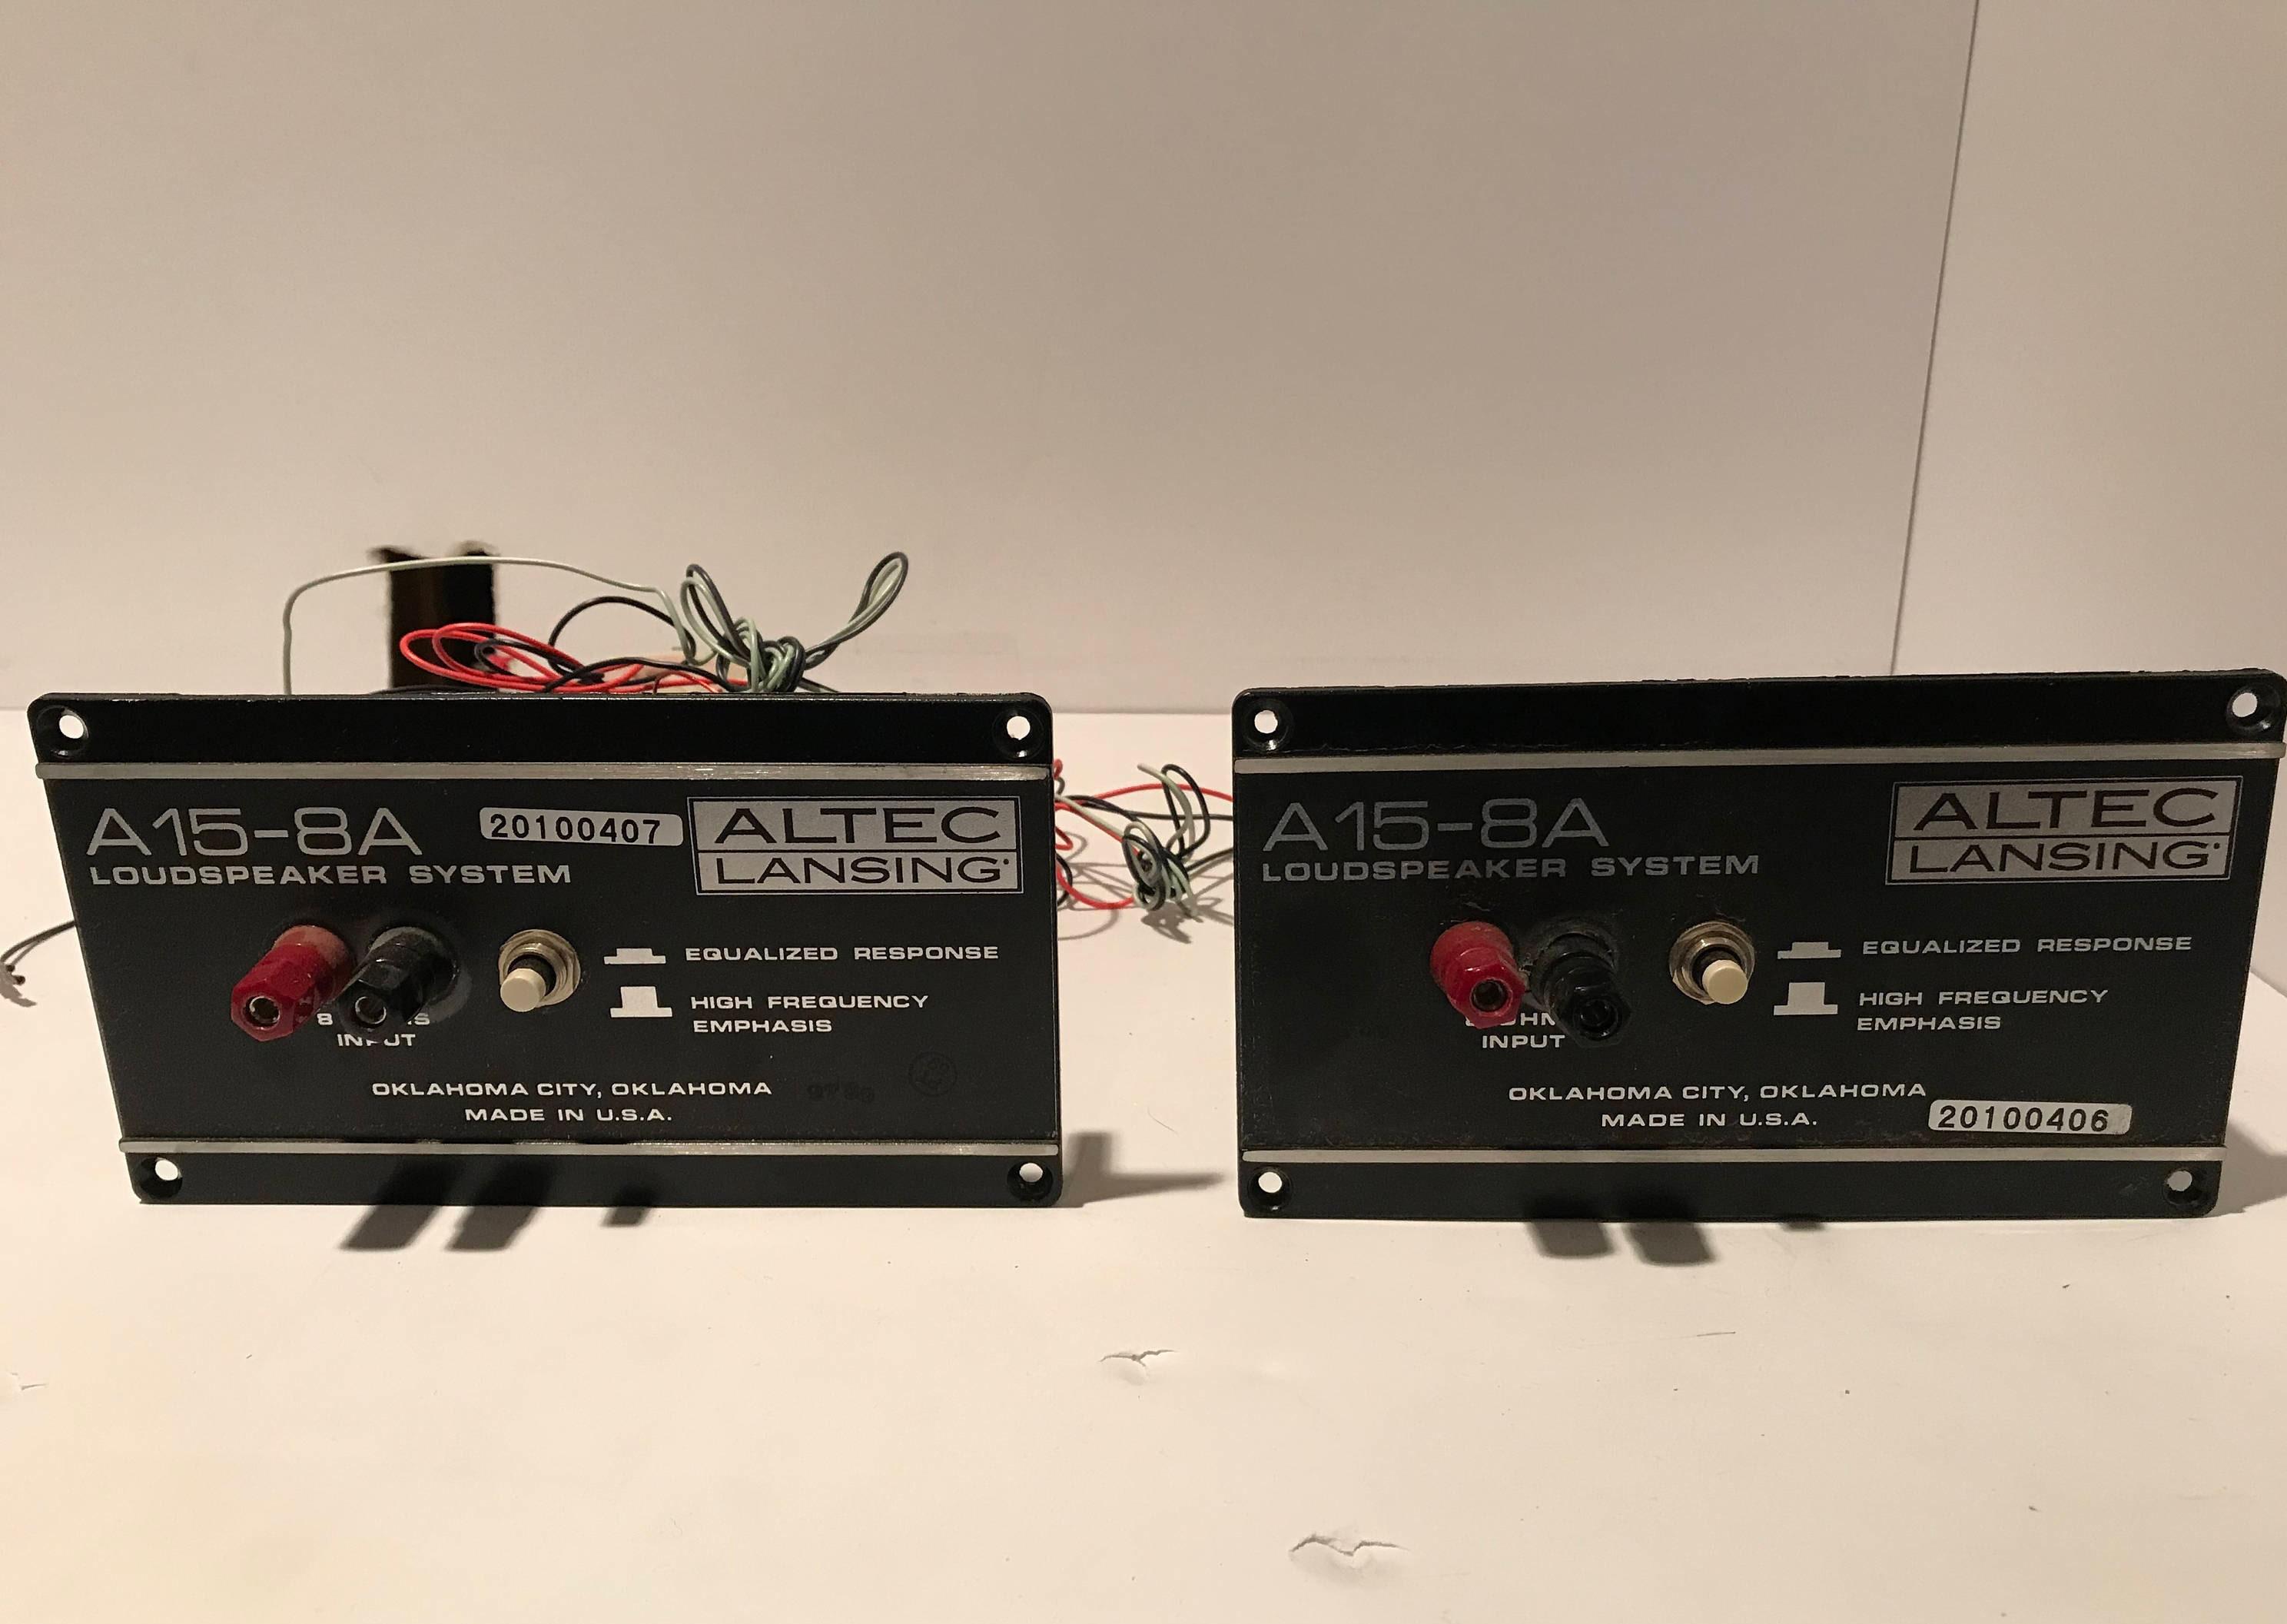 Vintage Altec Lansing Model A15-8A speaker crossover (2